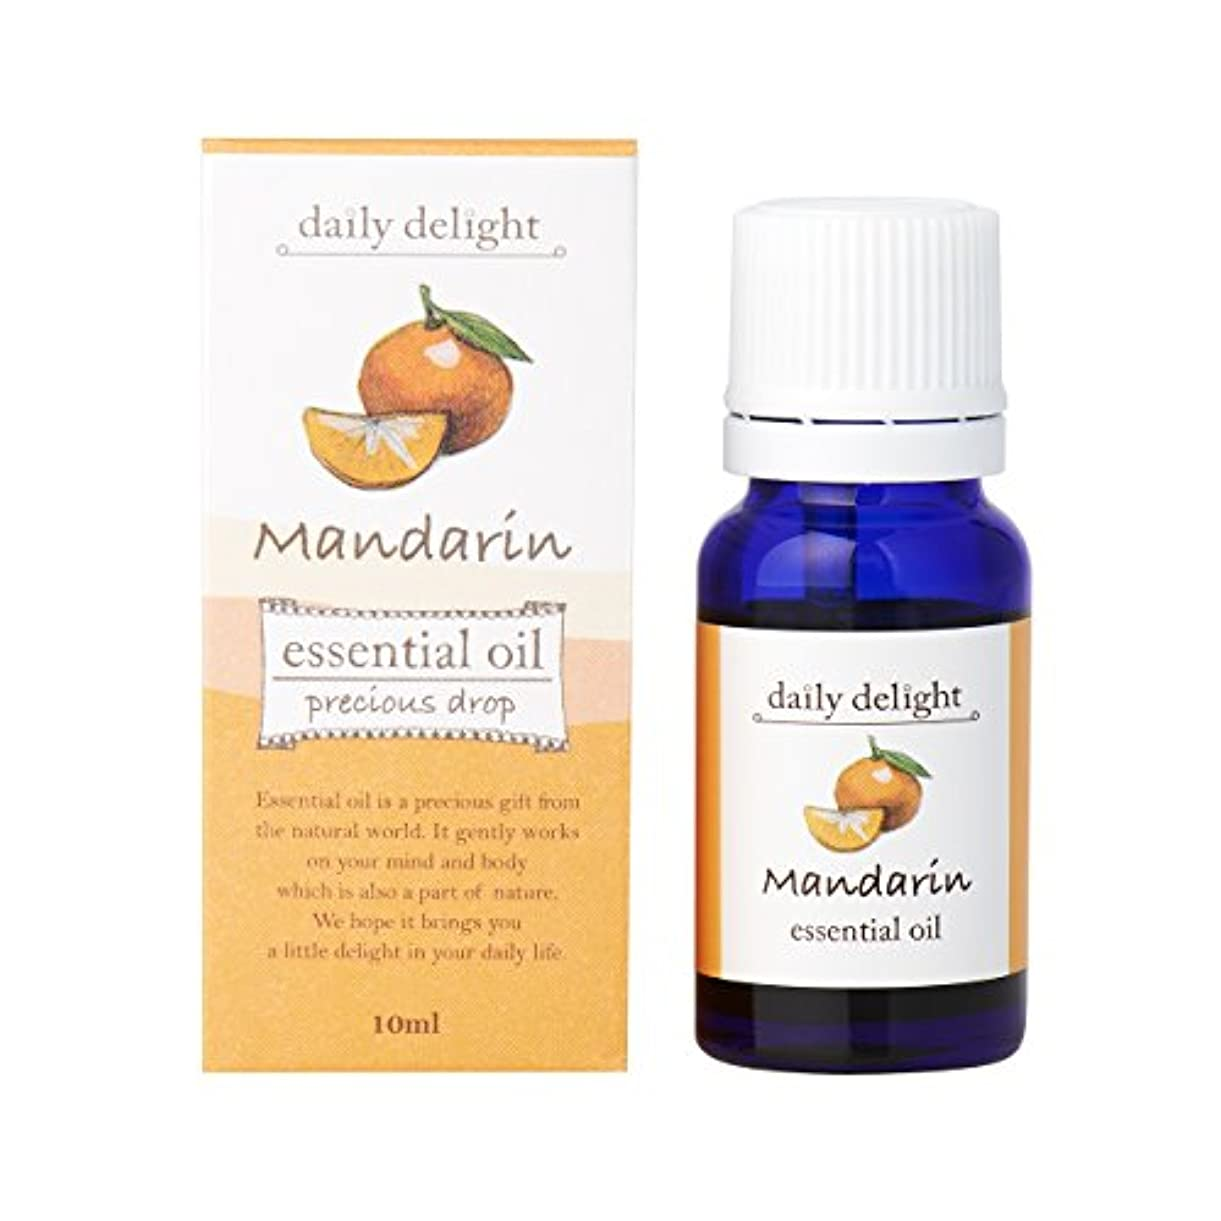 製油所便宜マットレスデイリーディライト エッセンシャルオイル  マンダリン 10ml(天然100% 精油 アロマ 柑橘系 オレンジに似ているがより穏やかで落ち着いた印象の香り)